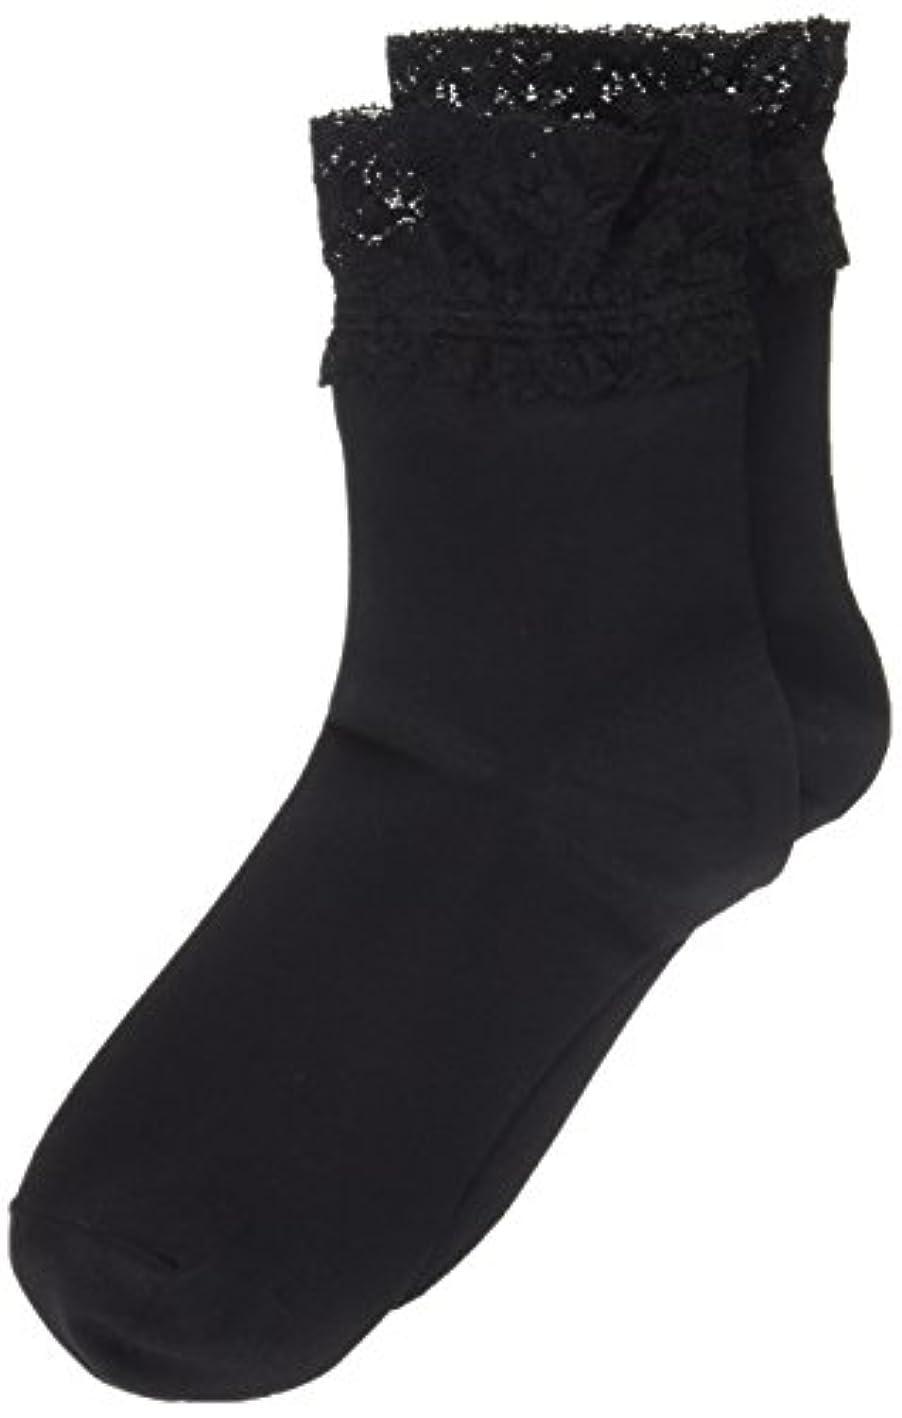 辛い表向きここにAR0213 ミセススニーカーソックス(婦人靴下) ゆったりはきやすい 22-24cm ブラック